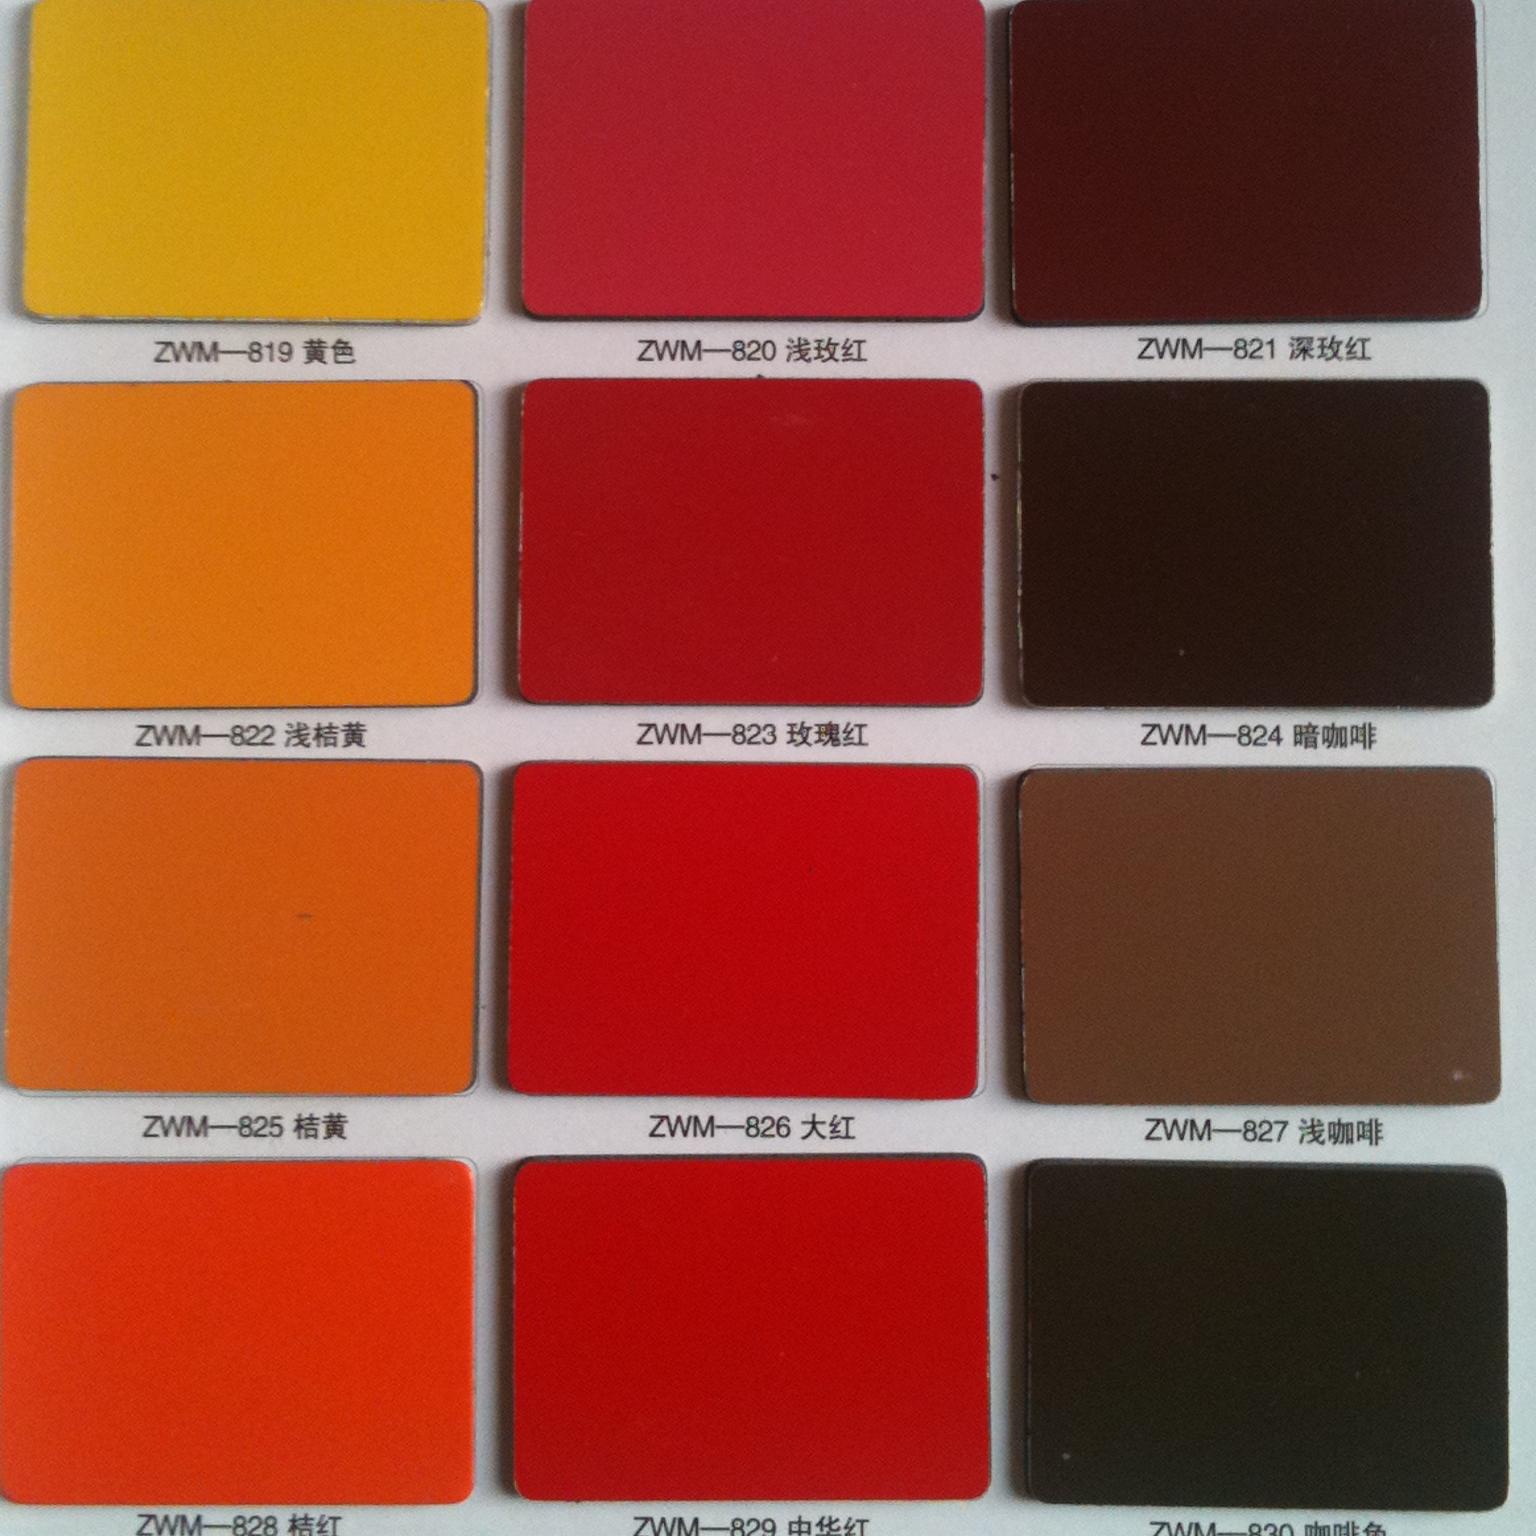 铝塑板内外墙幕墙干挂广告门头背景装饰阳台铝板彩色铝塑板1.22*2.44 *2.5mm 3mm   4mm  5mm彩板